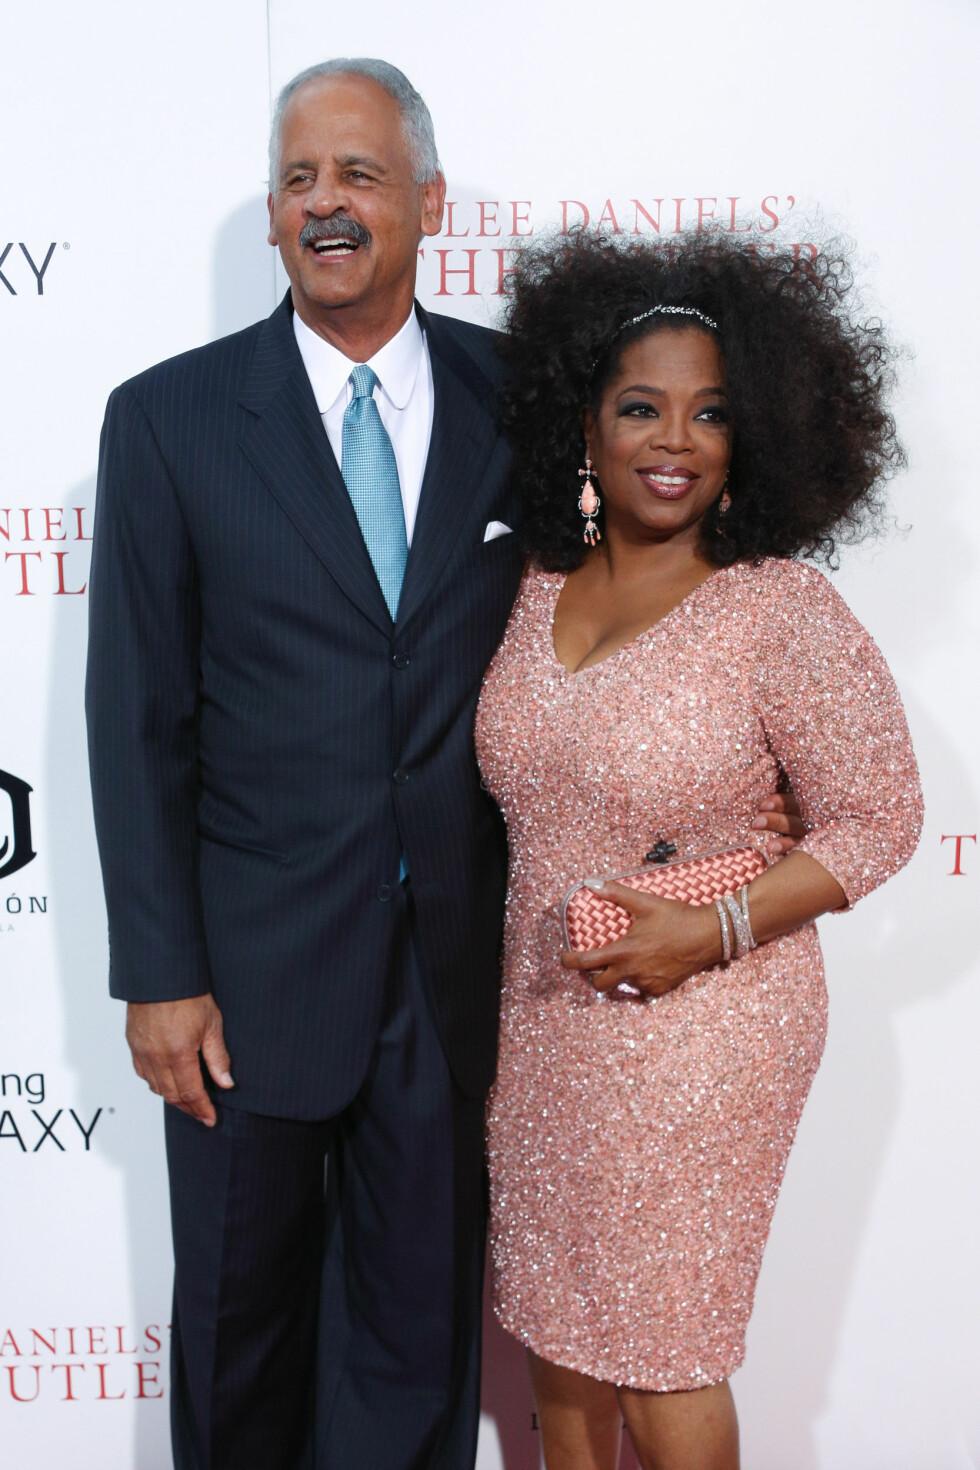 ALDRI GIFT: Talkshow-legenden Oprah Winfrey og samboeren Stedman Graham har vært samboere siden 1986. Hun har aldri hatt troen på ekteskapet, og er overbevist om at de to hadde skilt seg for lengst om de hadde inngått ekteskap. Foto: NTB Scanpix